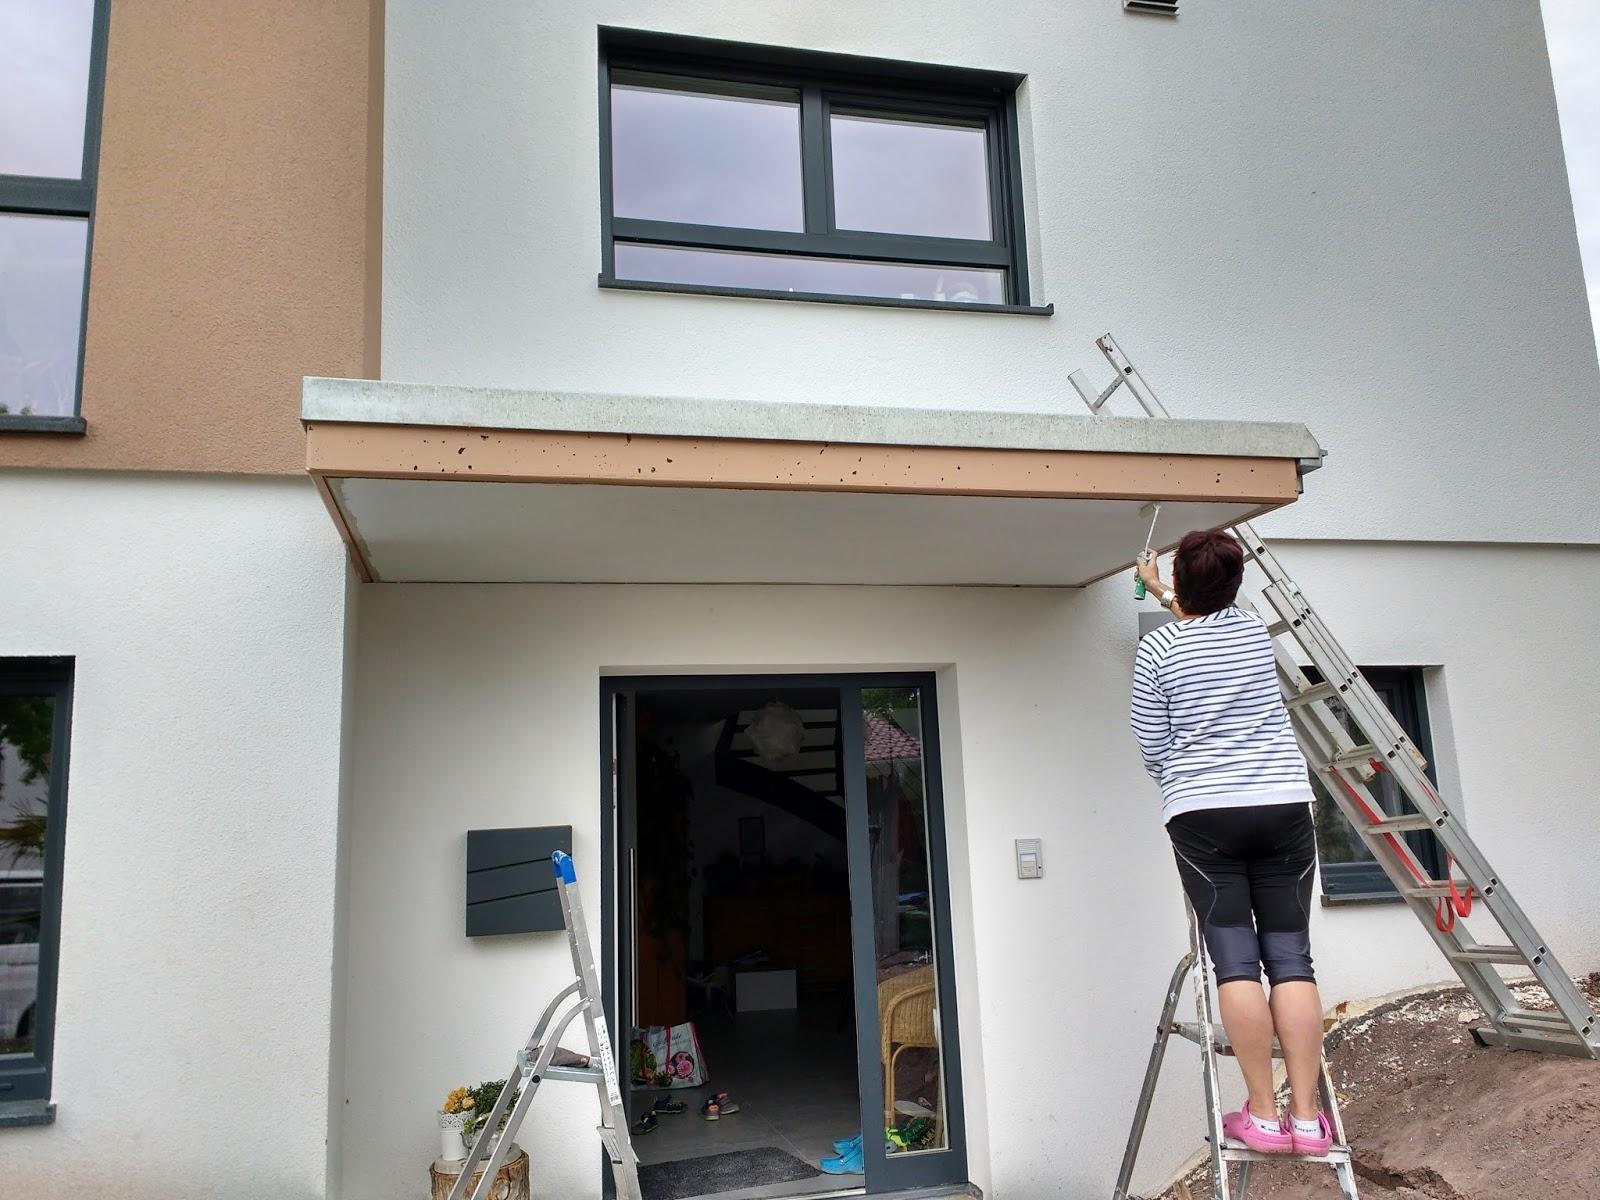 Hauser Massivhaus bauvertrag wir bauen ein hauser massivhaus